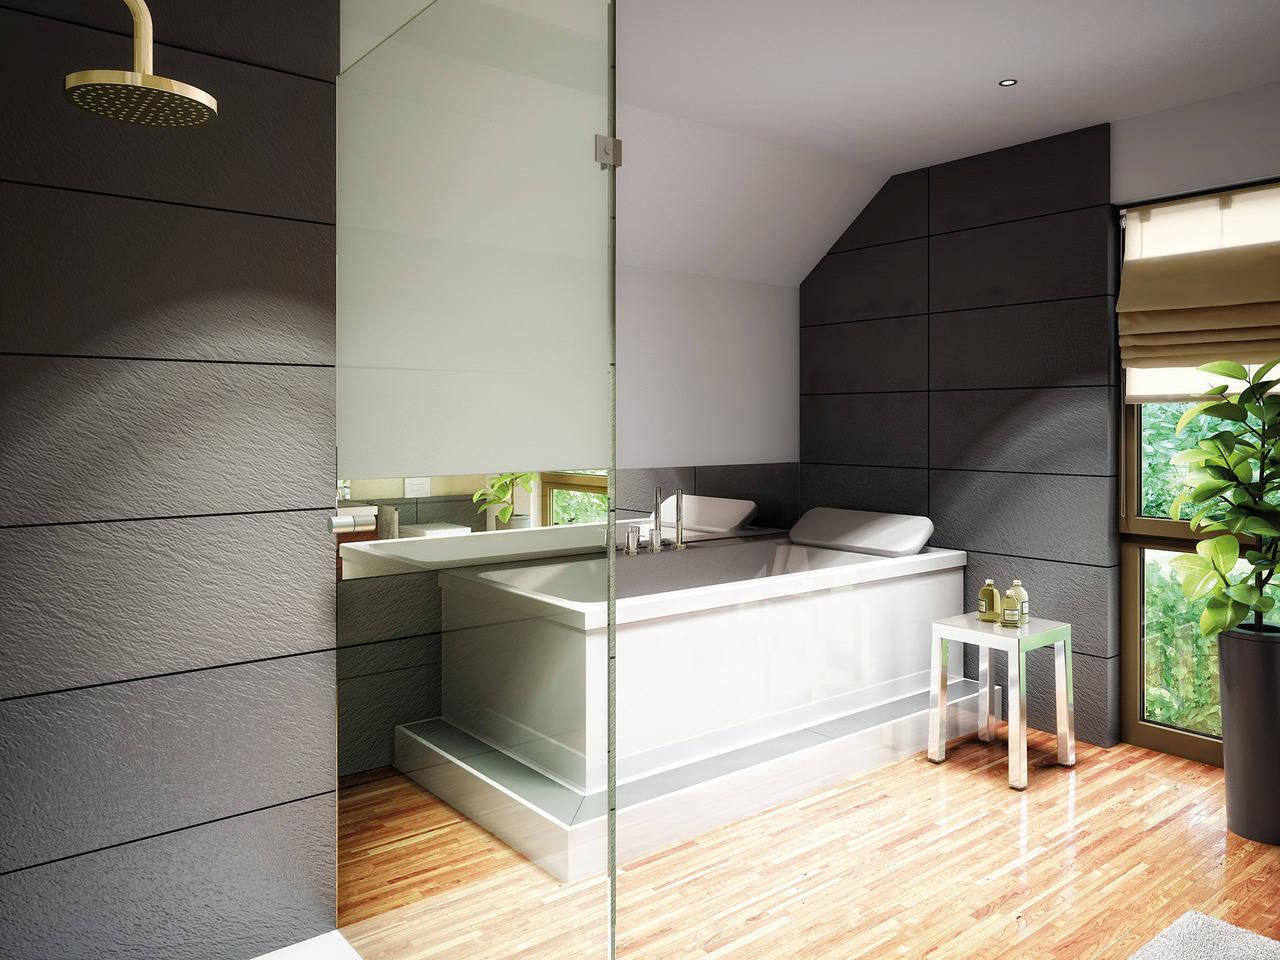 Haus SOLUTION 124 V8 Badezimmer von Living Haus